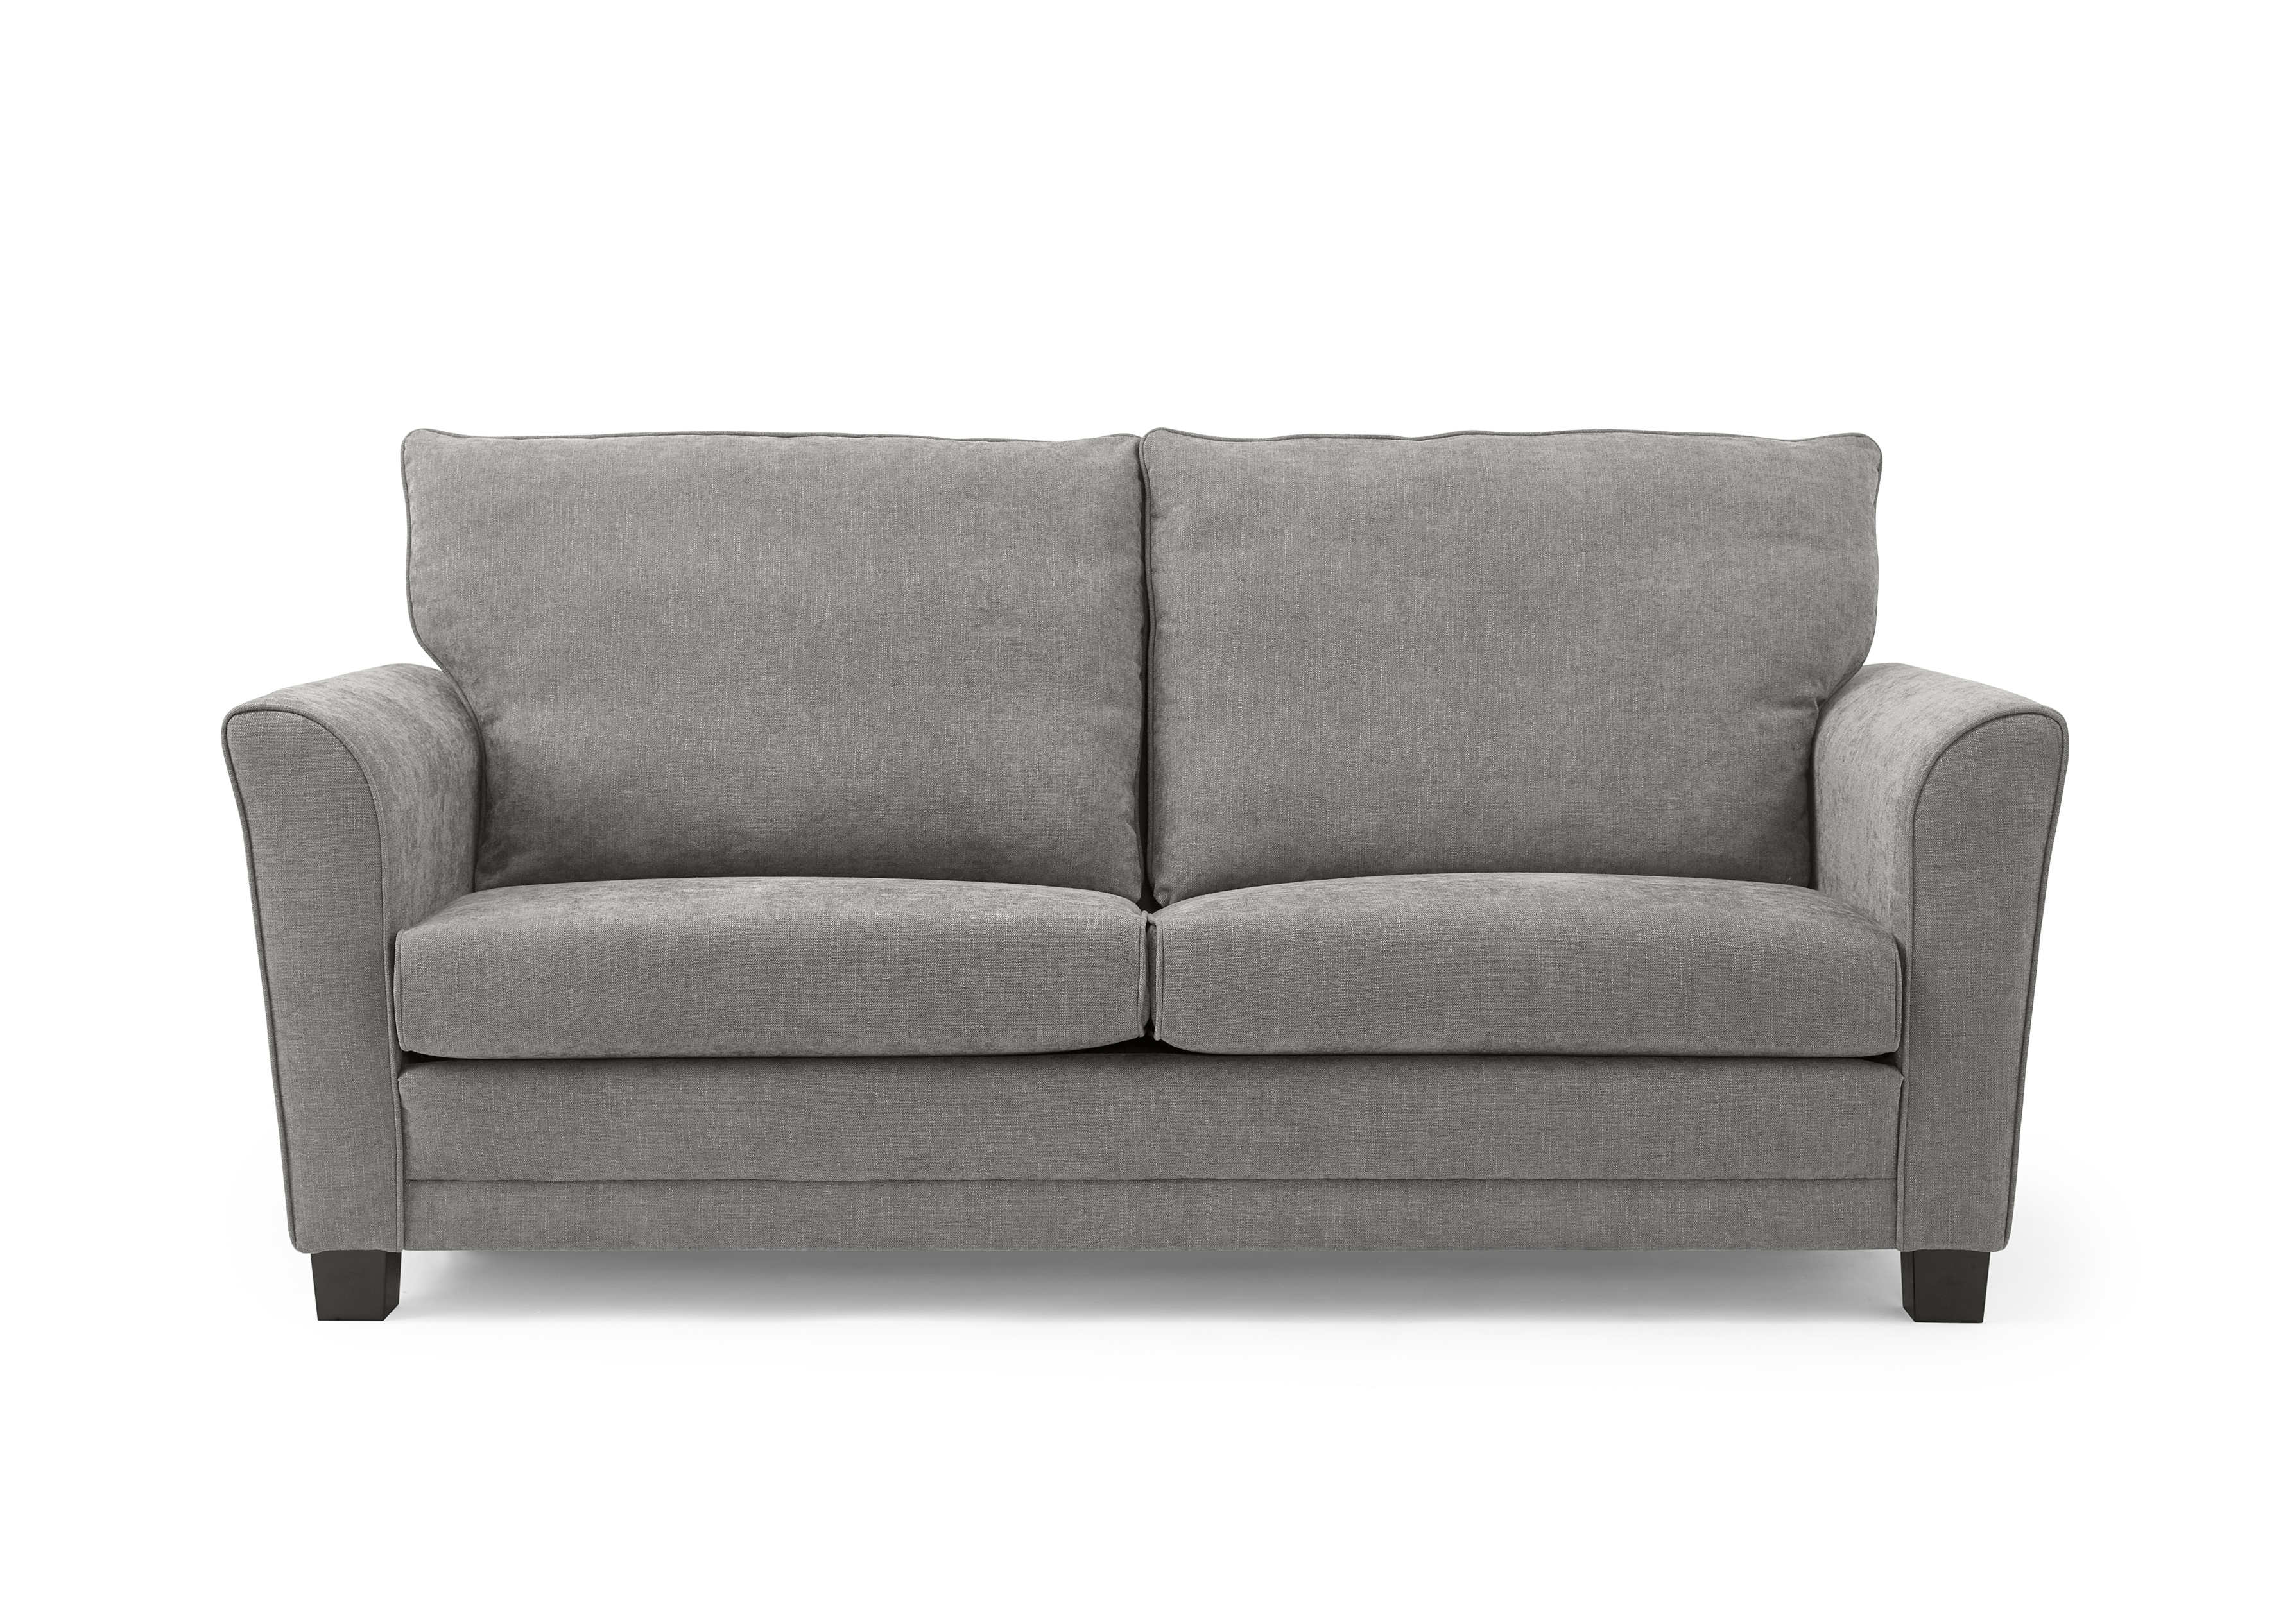 Möbelform Orlando 3-sits soffa